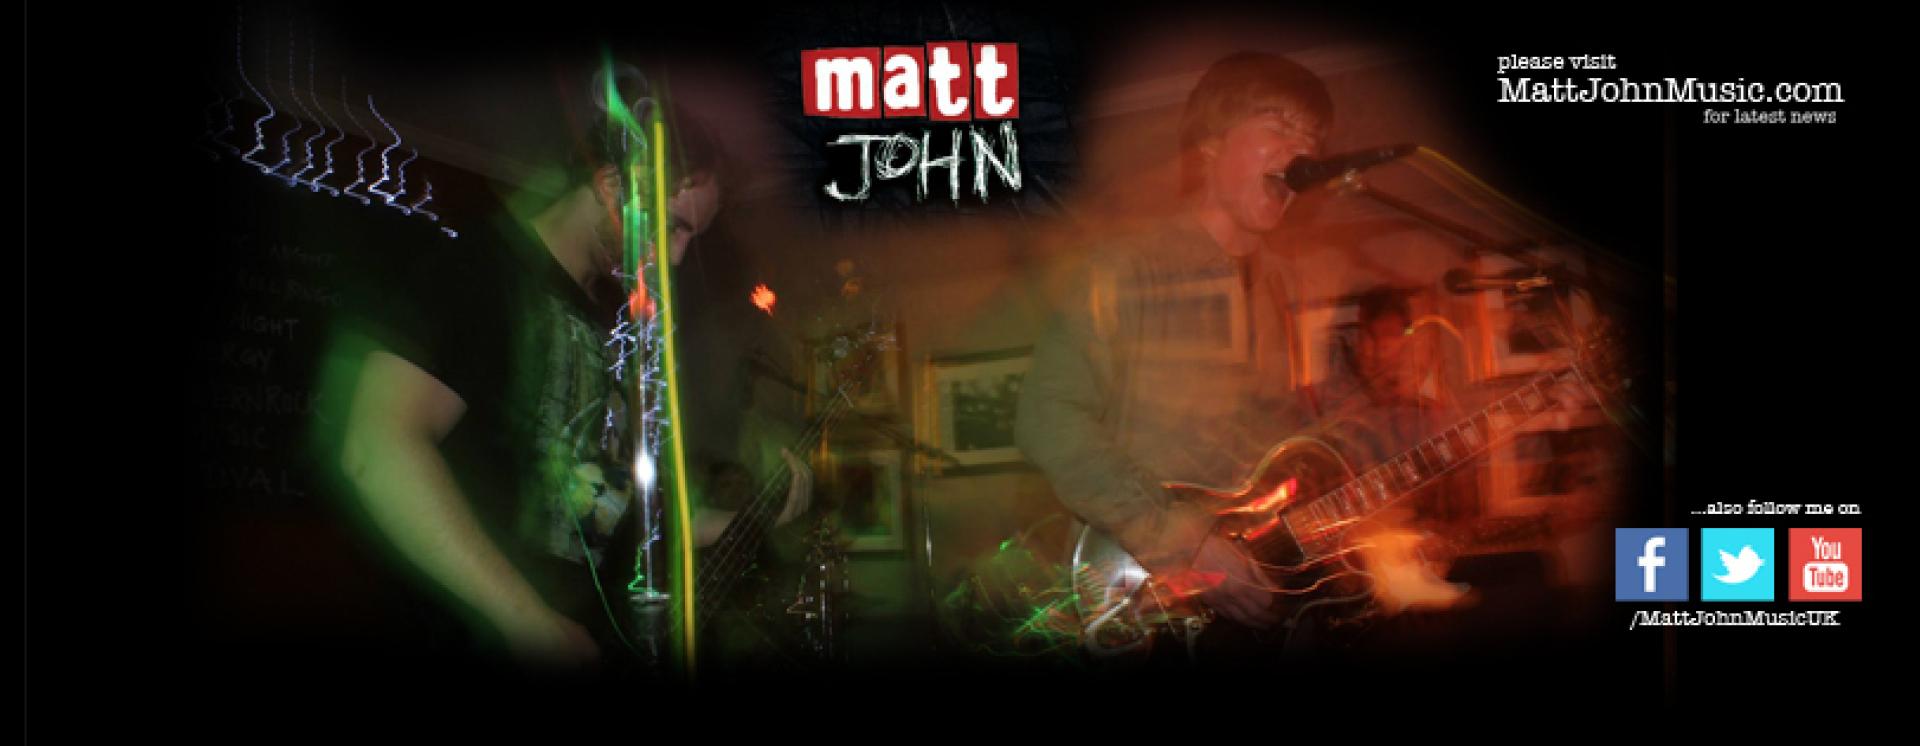 1428481883 matt john banner 3 copy